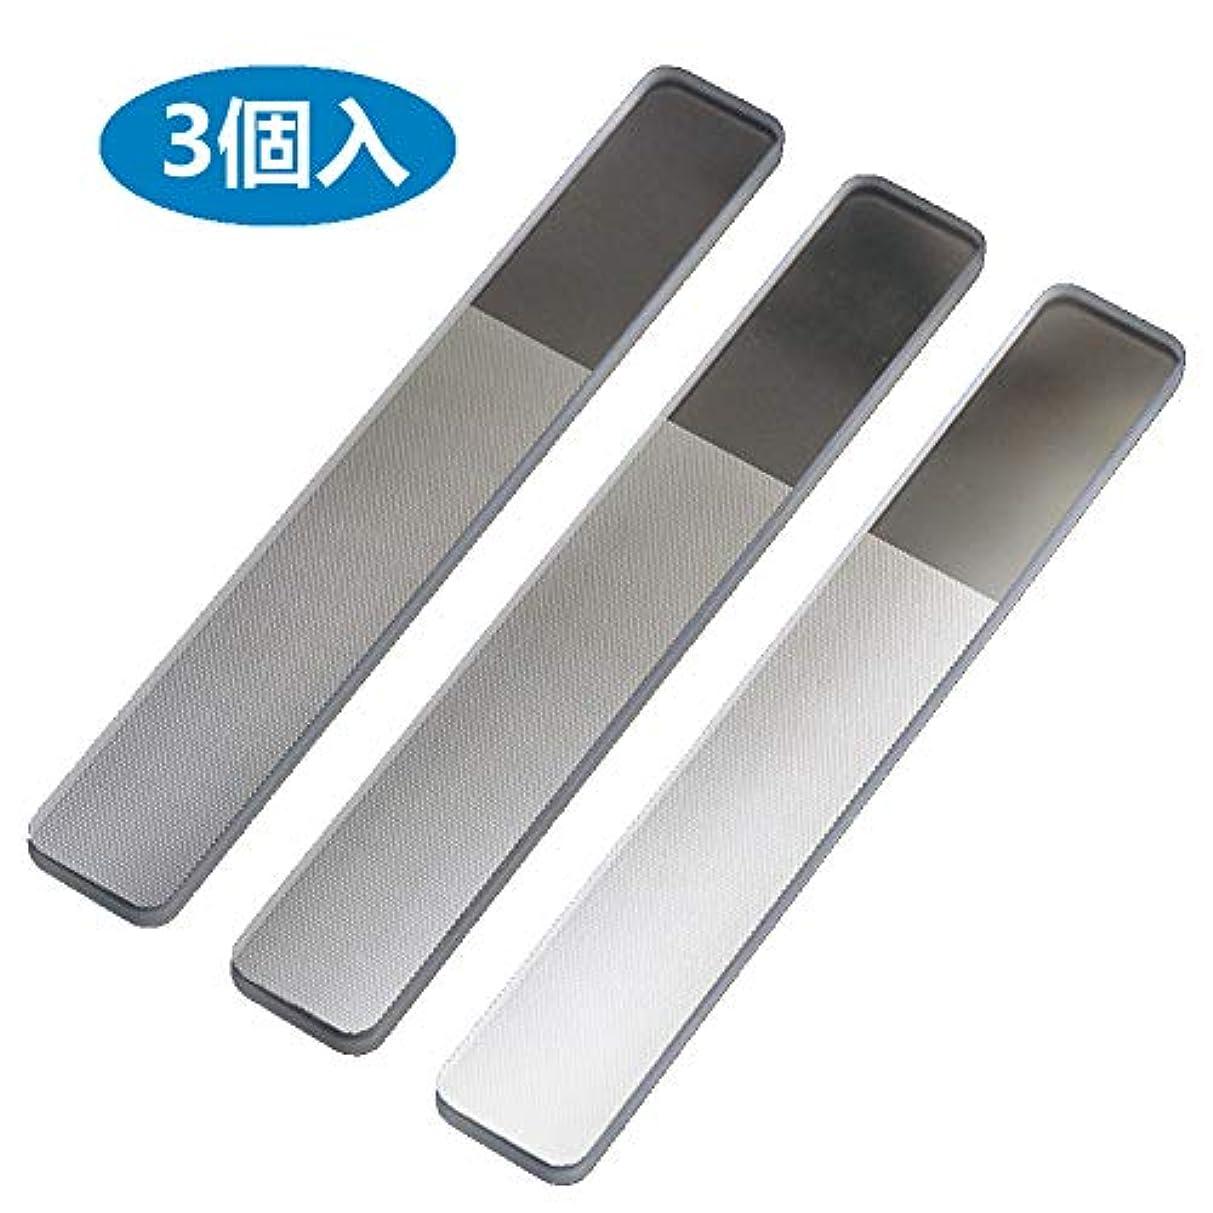 幻想メッシュ通信するMX 爪やすり 爪磨き ガラス製 (スタイル A 3個セット)